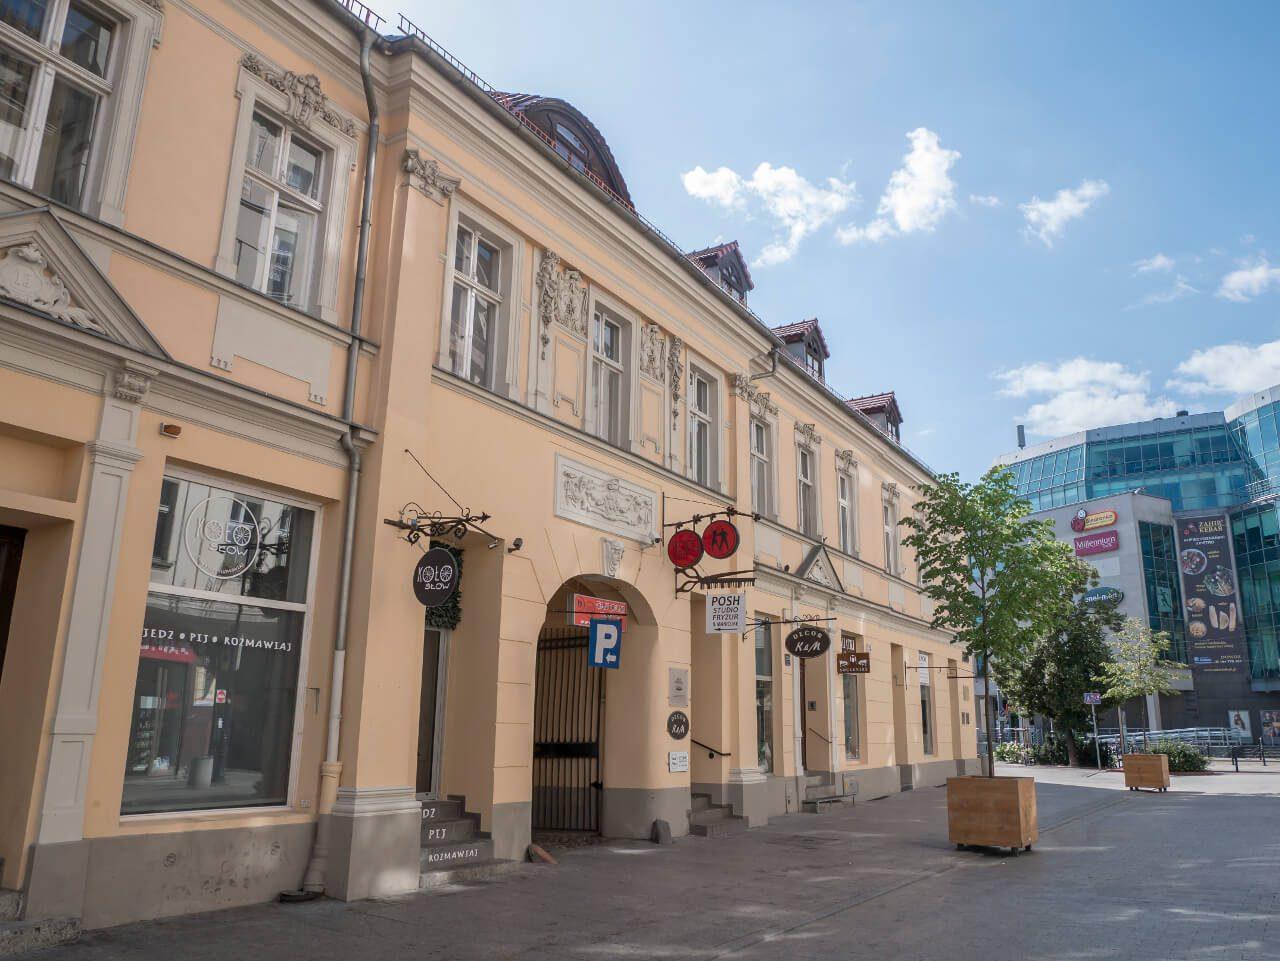 Dawny Hotel Saski w Poznaniu